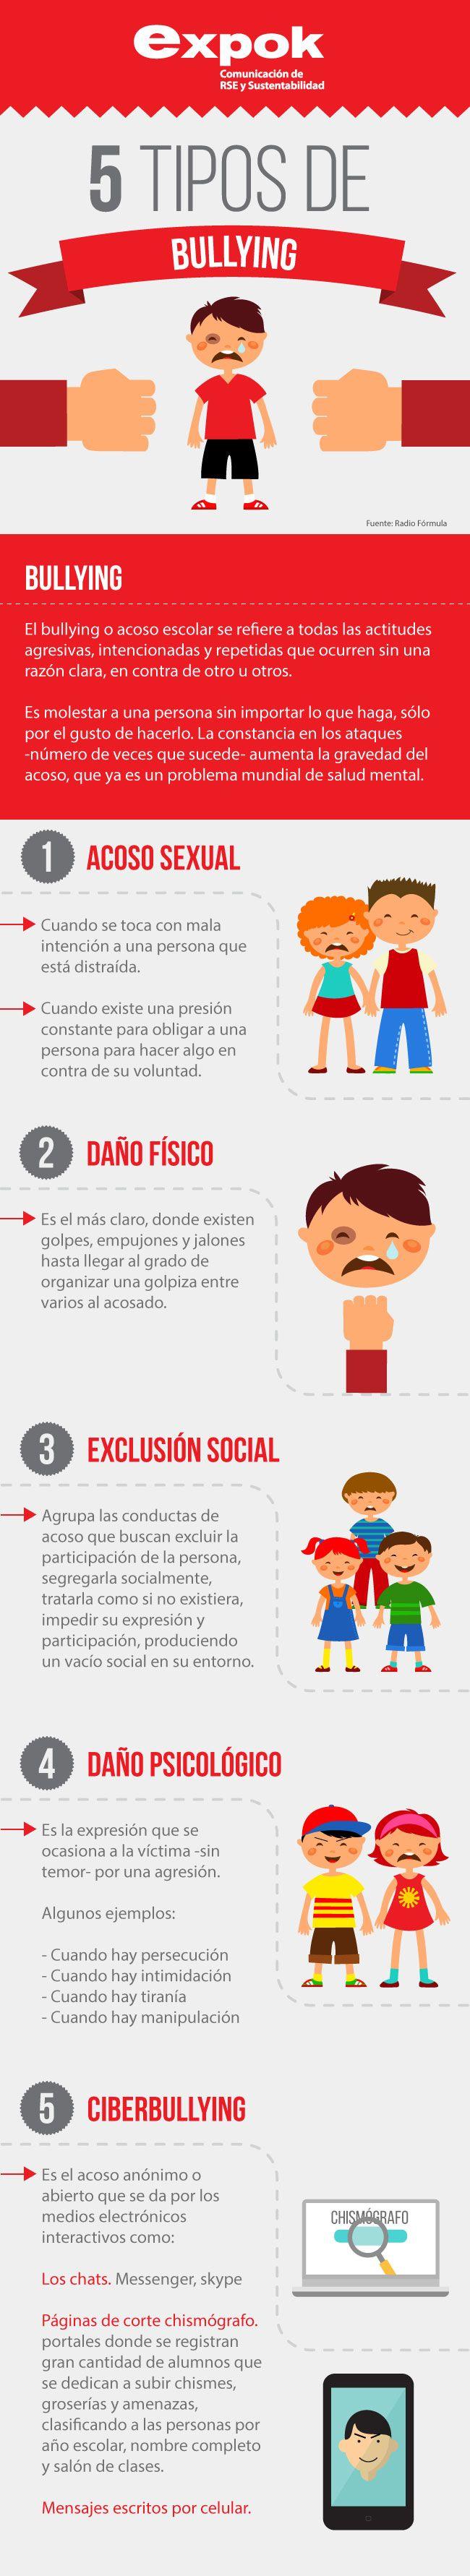 La siguiente infografía seguramente te ayudará a identificar los casos de bullying más comunes; algunos como el daño psicológico han sido muy sonados, pero otros tal vez te sorprendan. http://www.expoknews.com/5-tipos-de-bullying-que-probablemente-no-conocias/